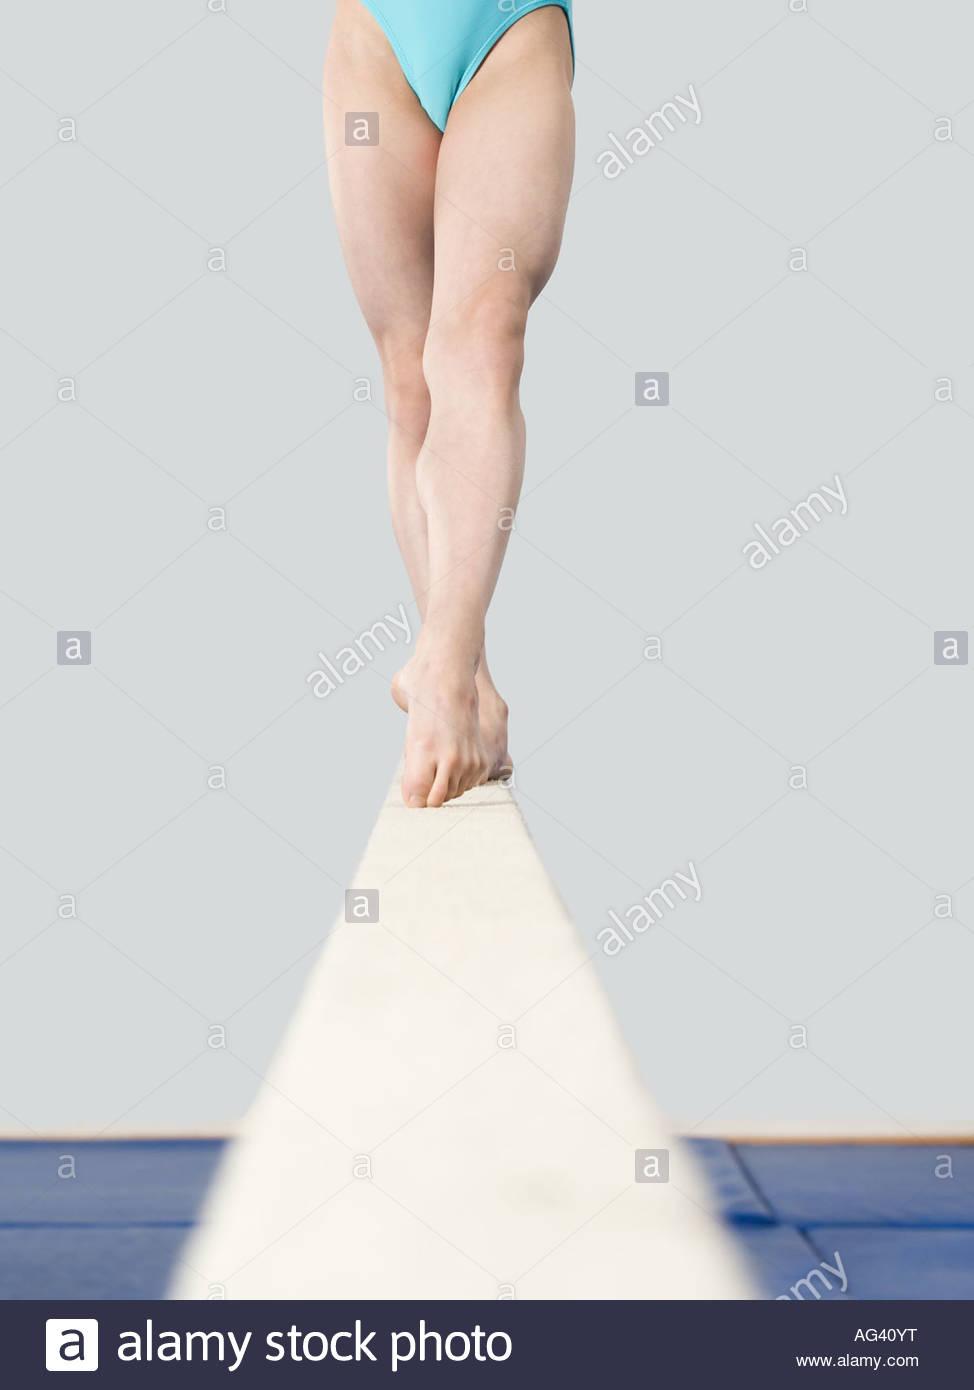 Les jambes de fille sur une balance Photo Stock